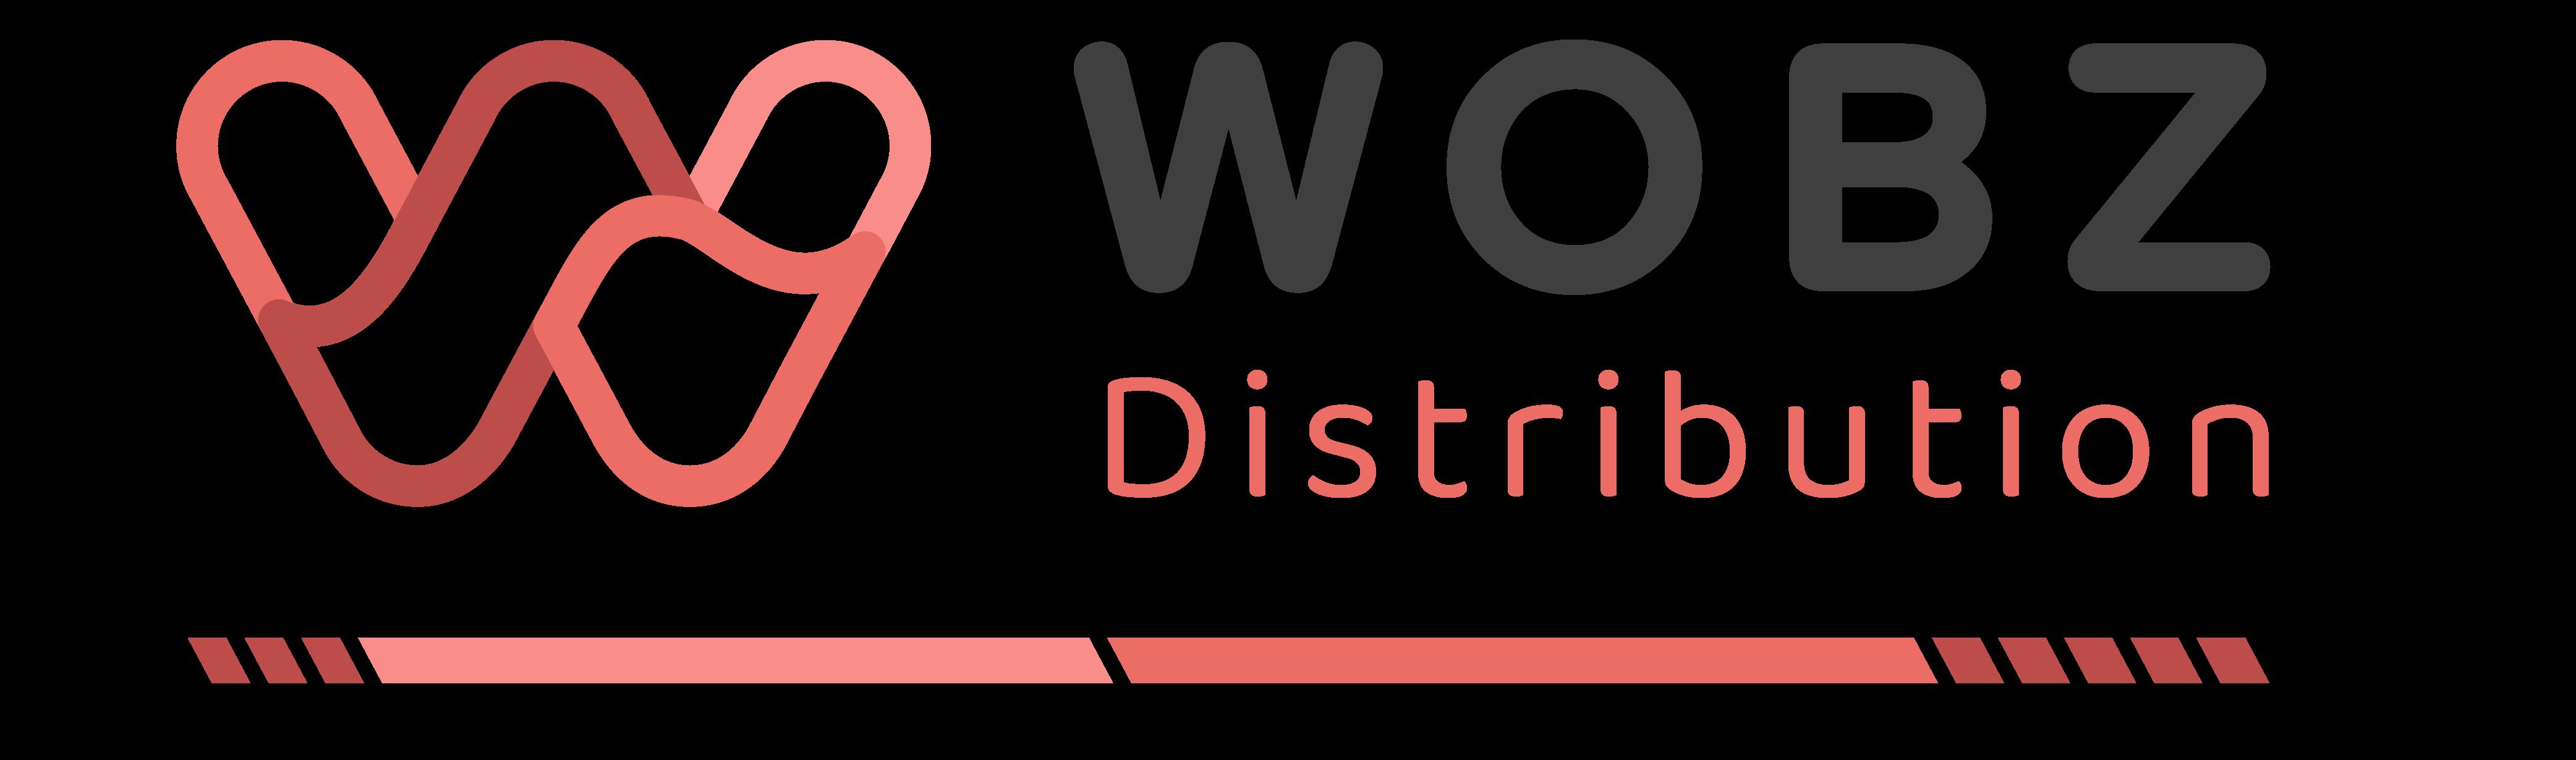 logo wobz categories_Wobz Distrib Couleur Horiz